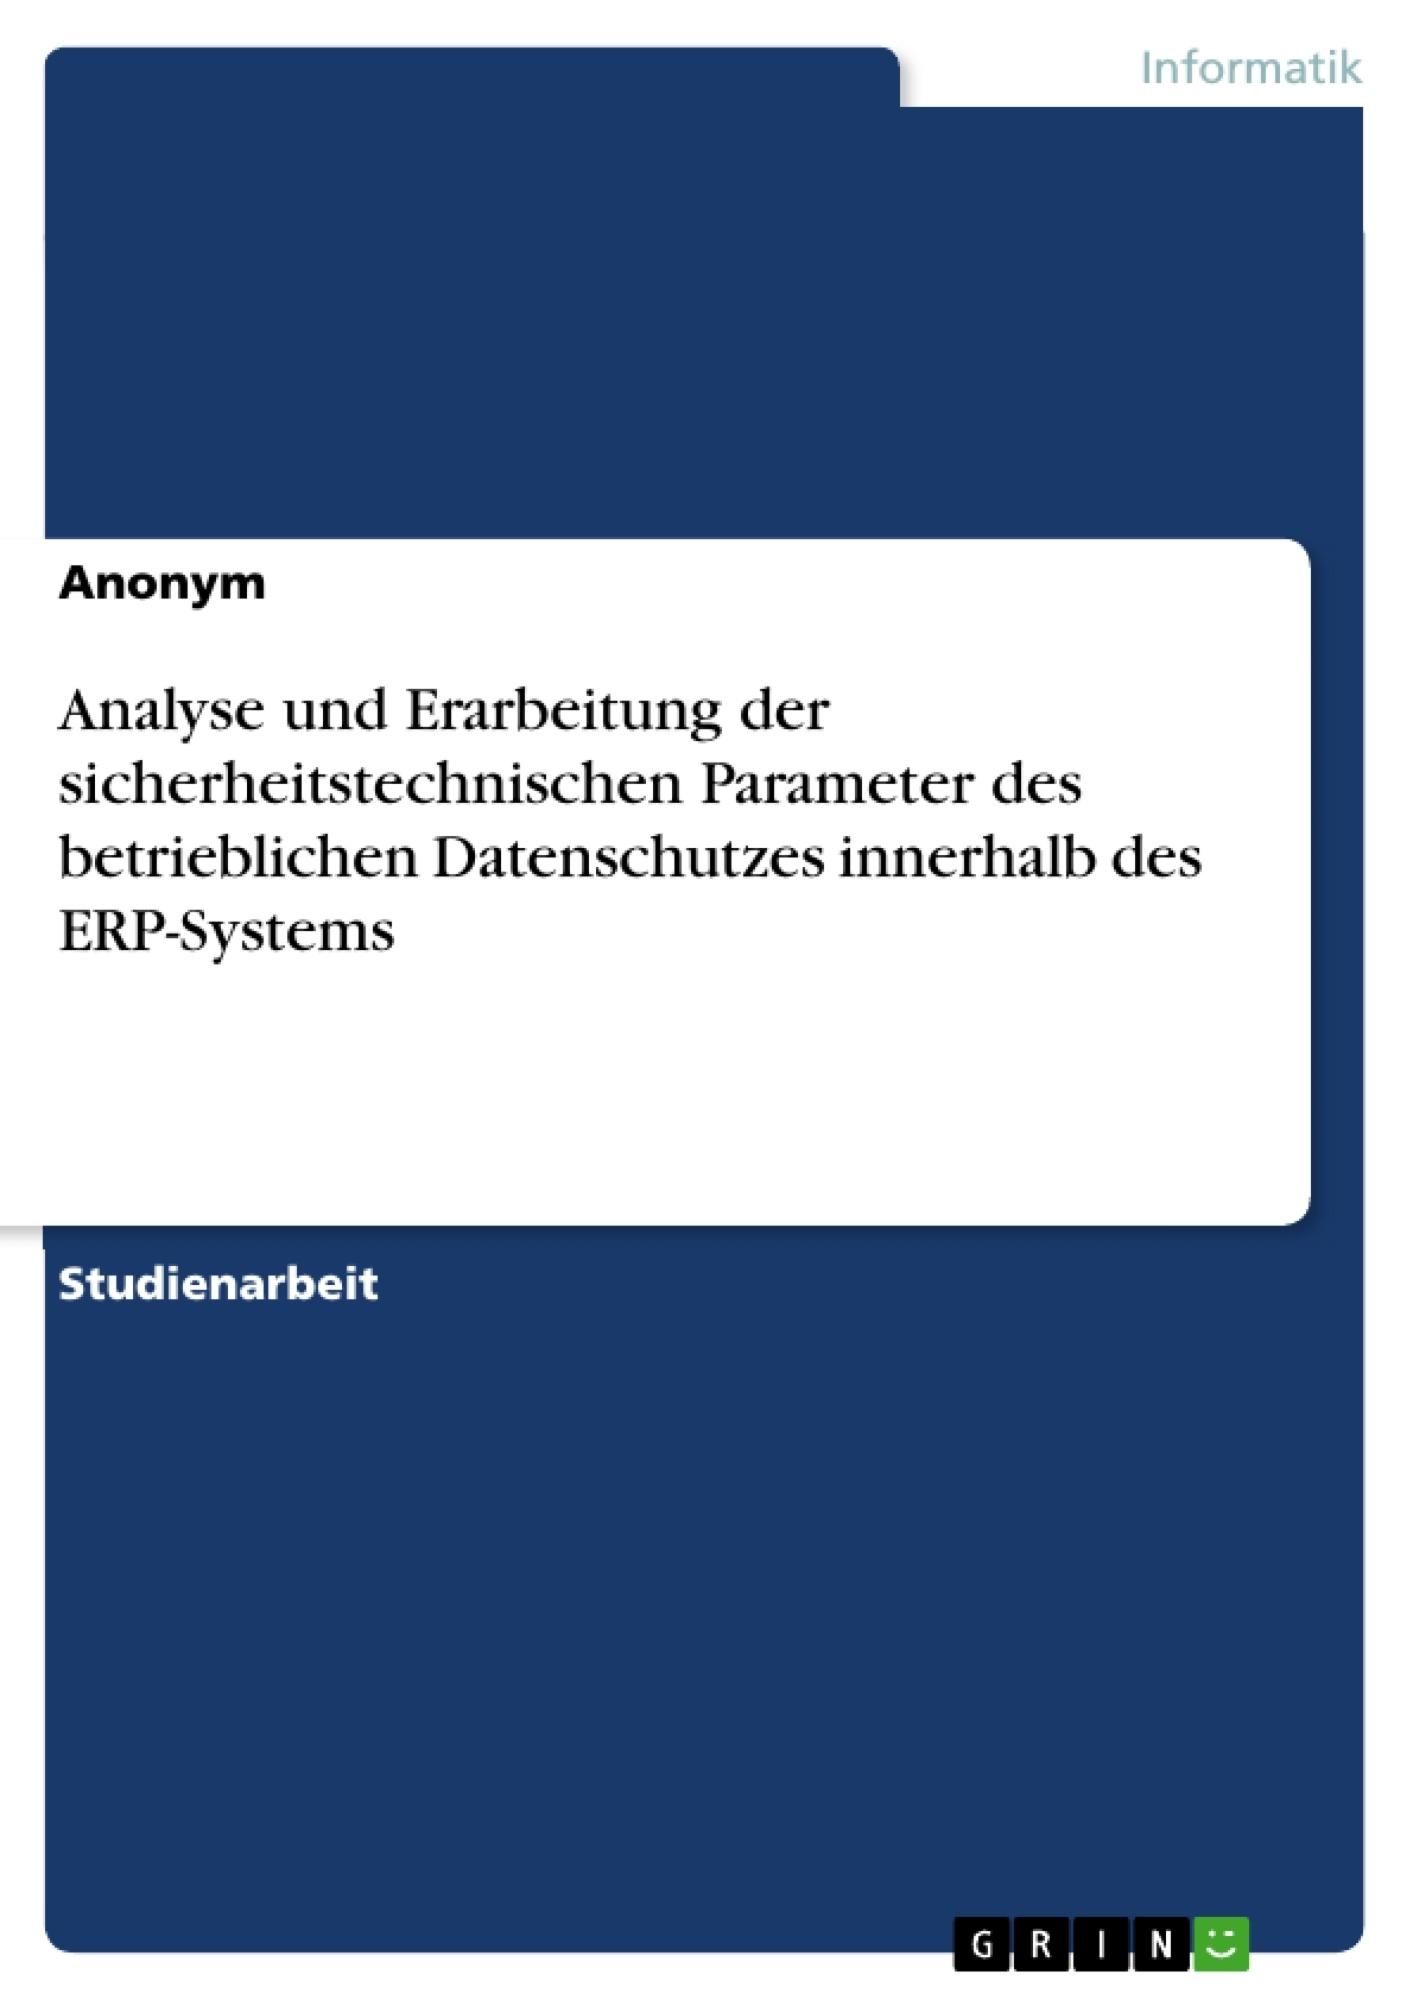 Titel: Analyse und Erarbeitung der sicherheitstechnischen Parameter des betrieblichen Datenschutzes innerhalb des ERP-Systems